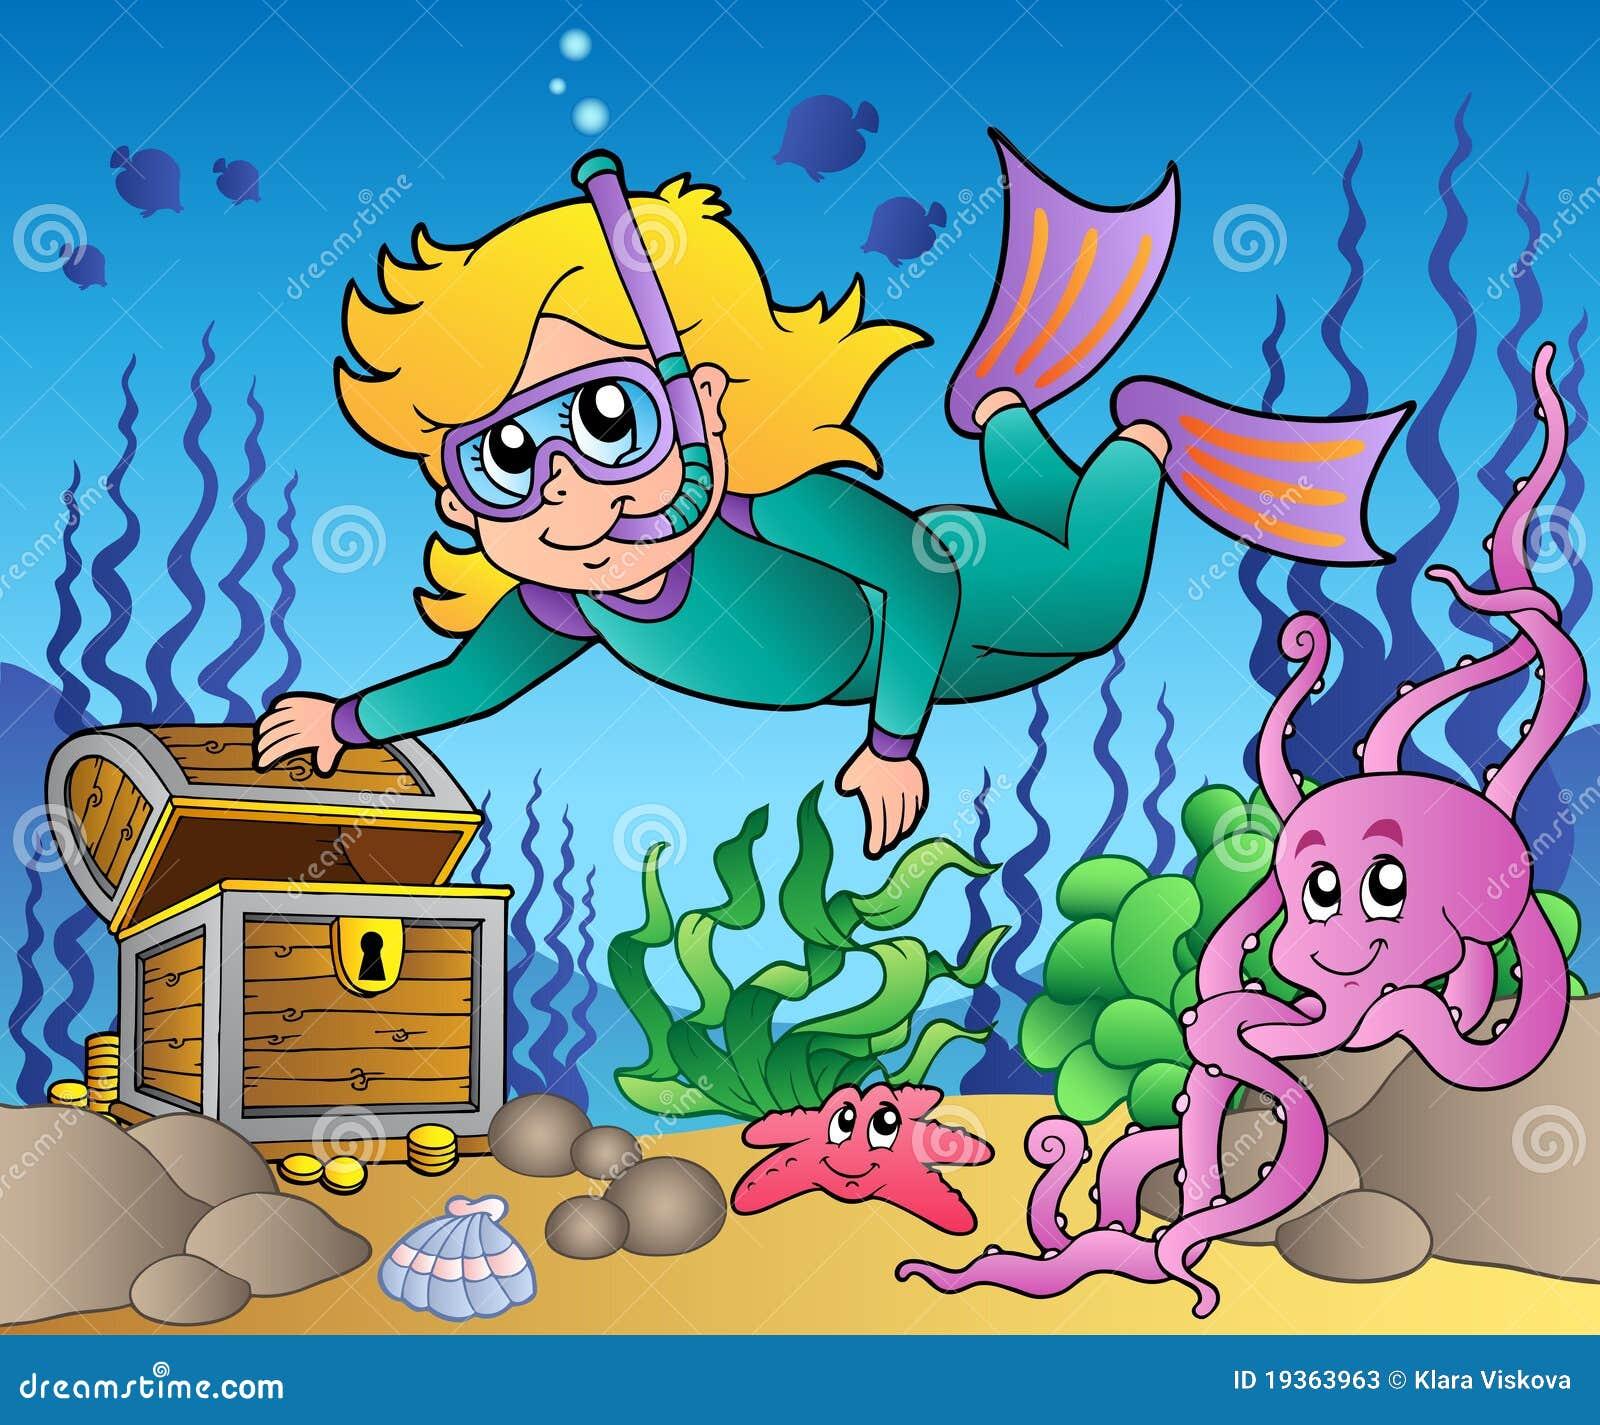 Mar de exploração do mergulhador do snorkel da menina